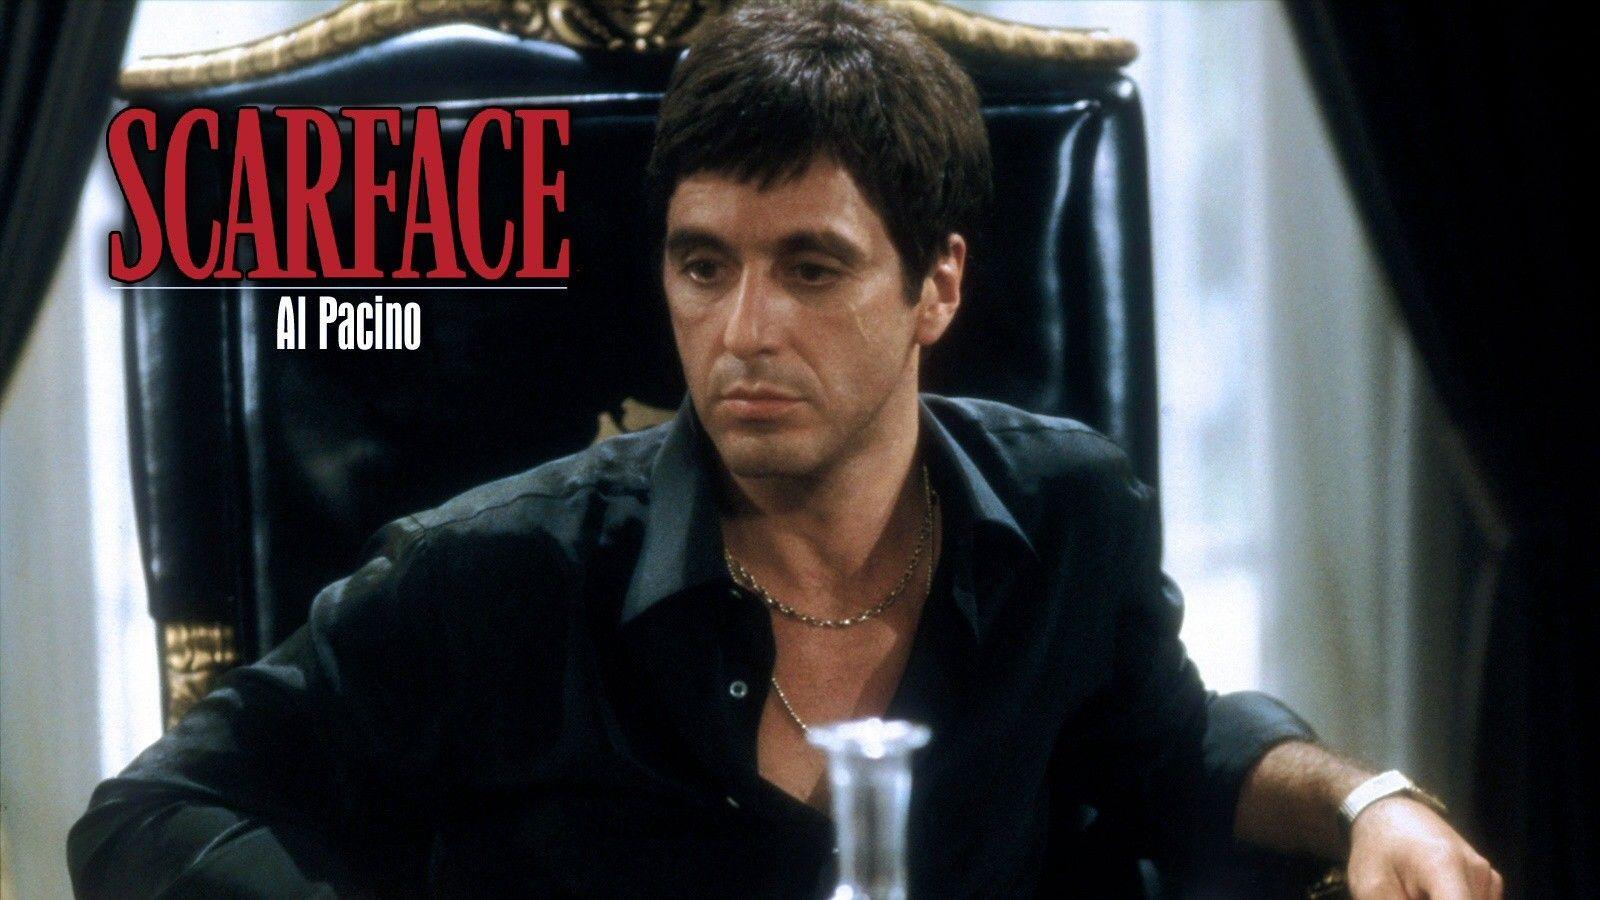 Tony Montana Al pacino, Good movies, Movies